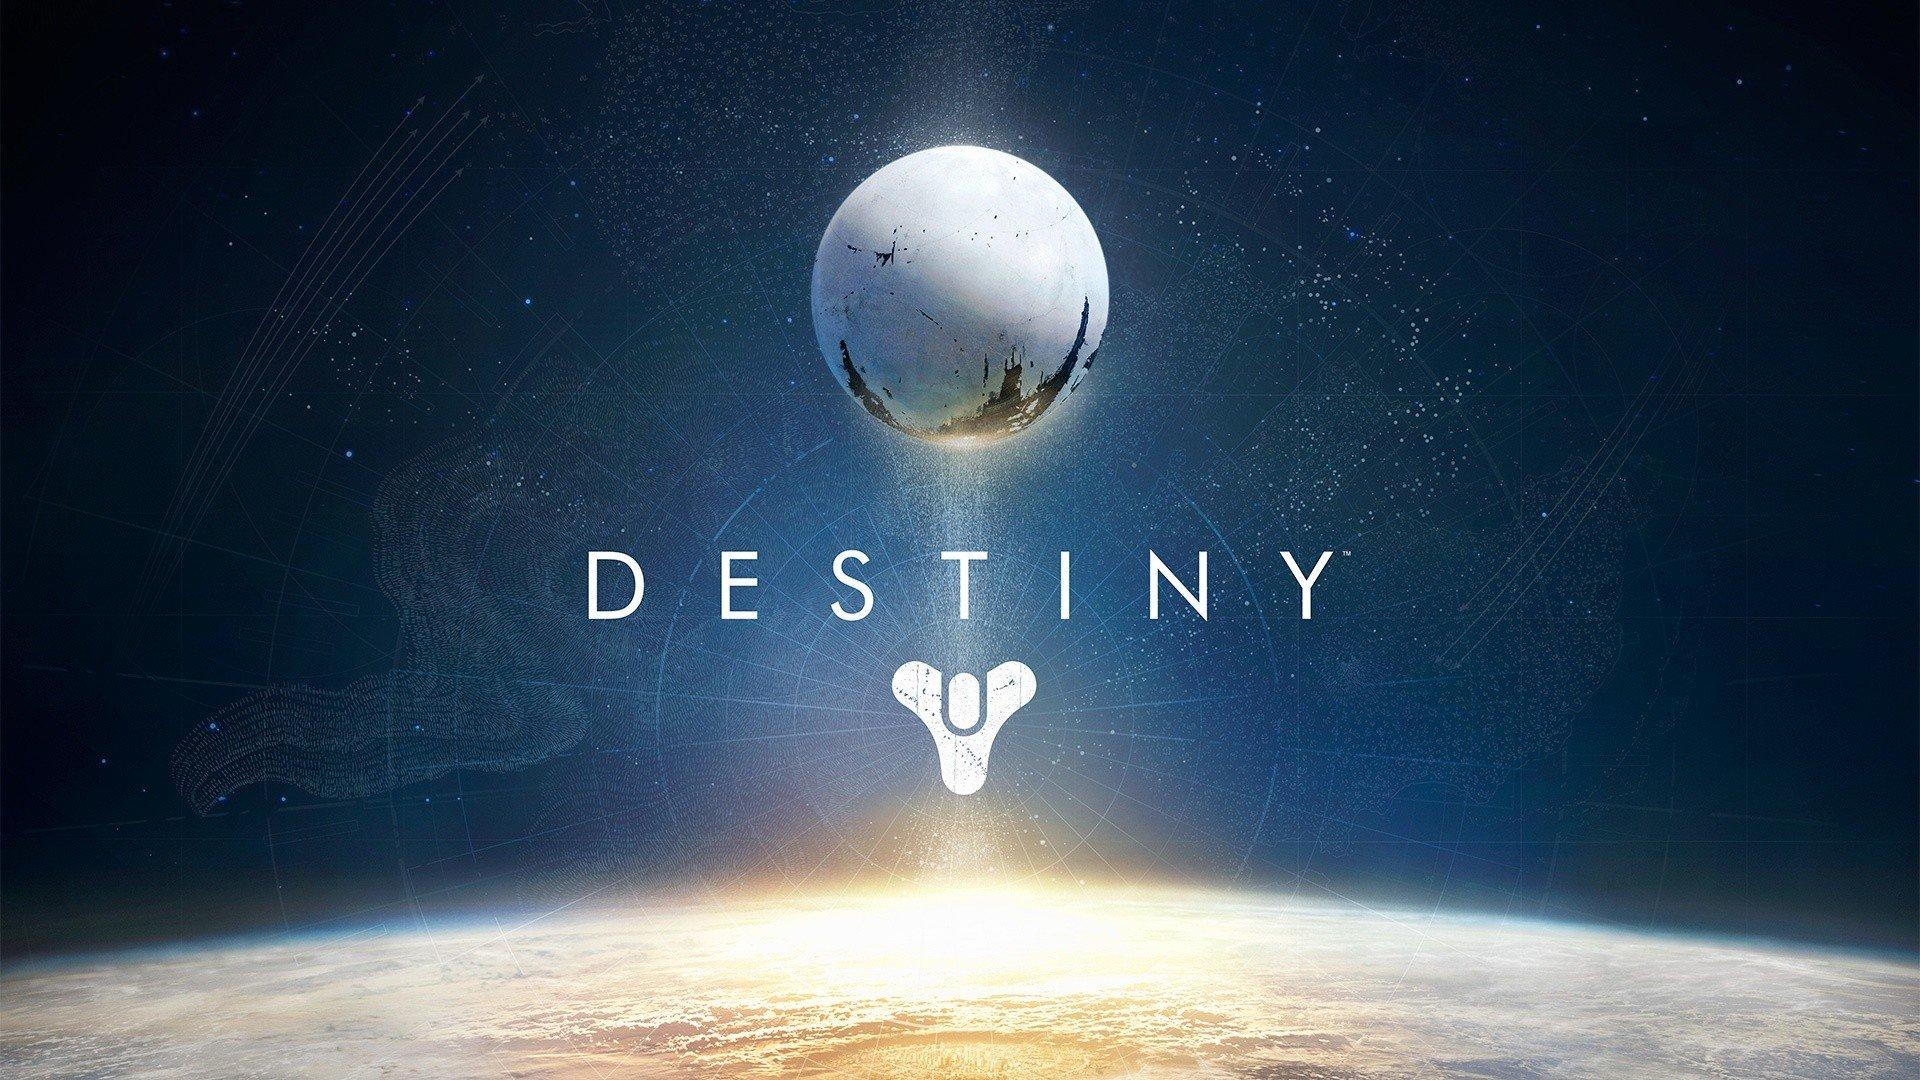 Destiny-Crota-s-End-Hard-Mode-Arrives-on-January-21-470164-2